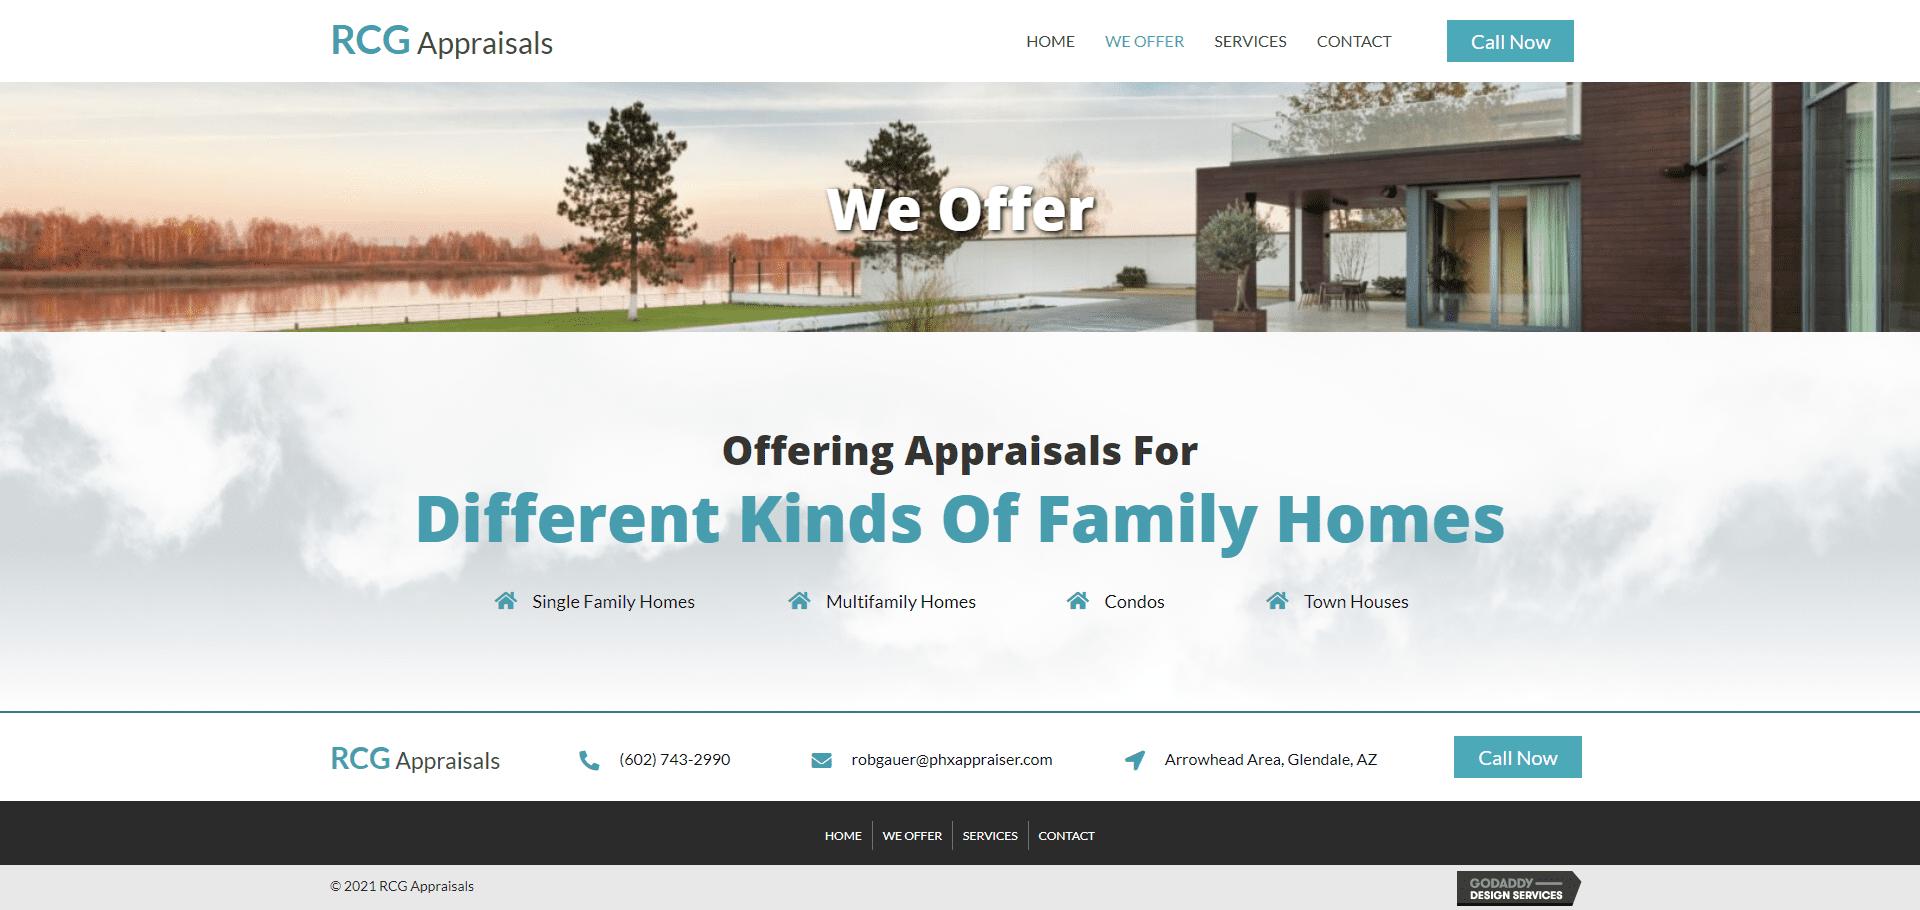 RCG Appraisals Offer